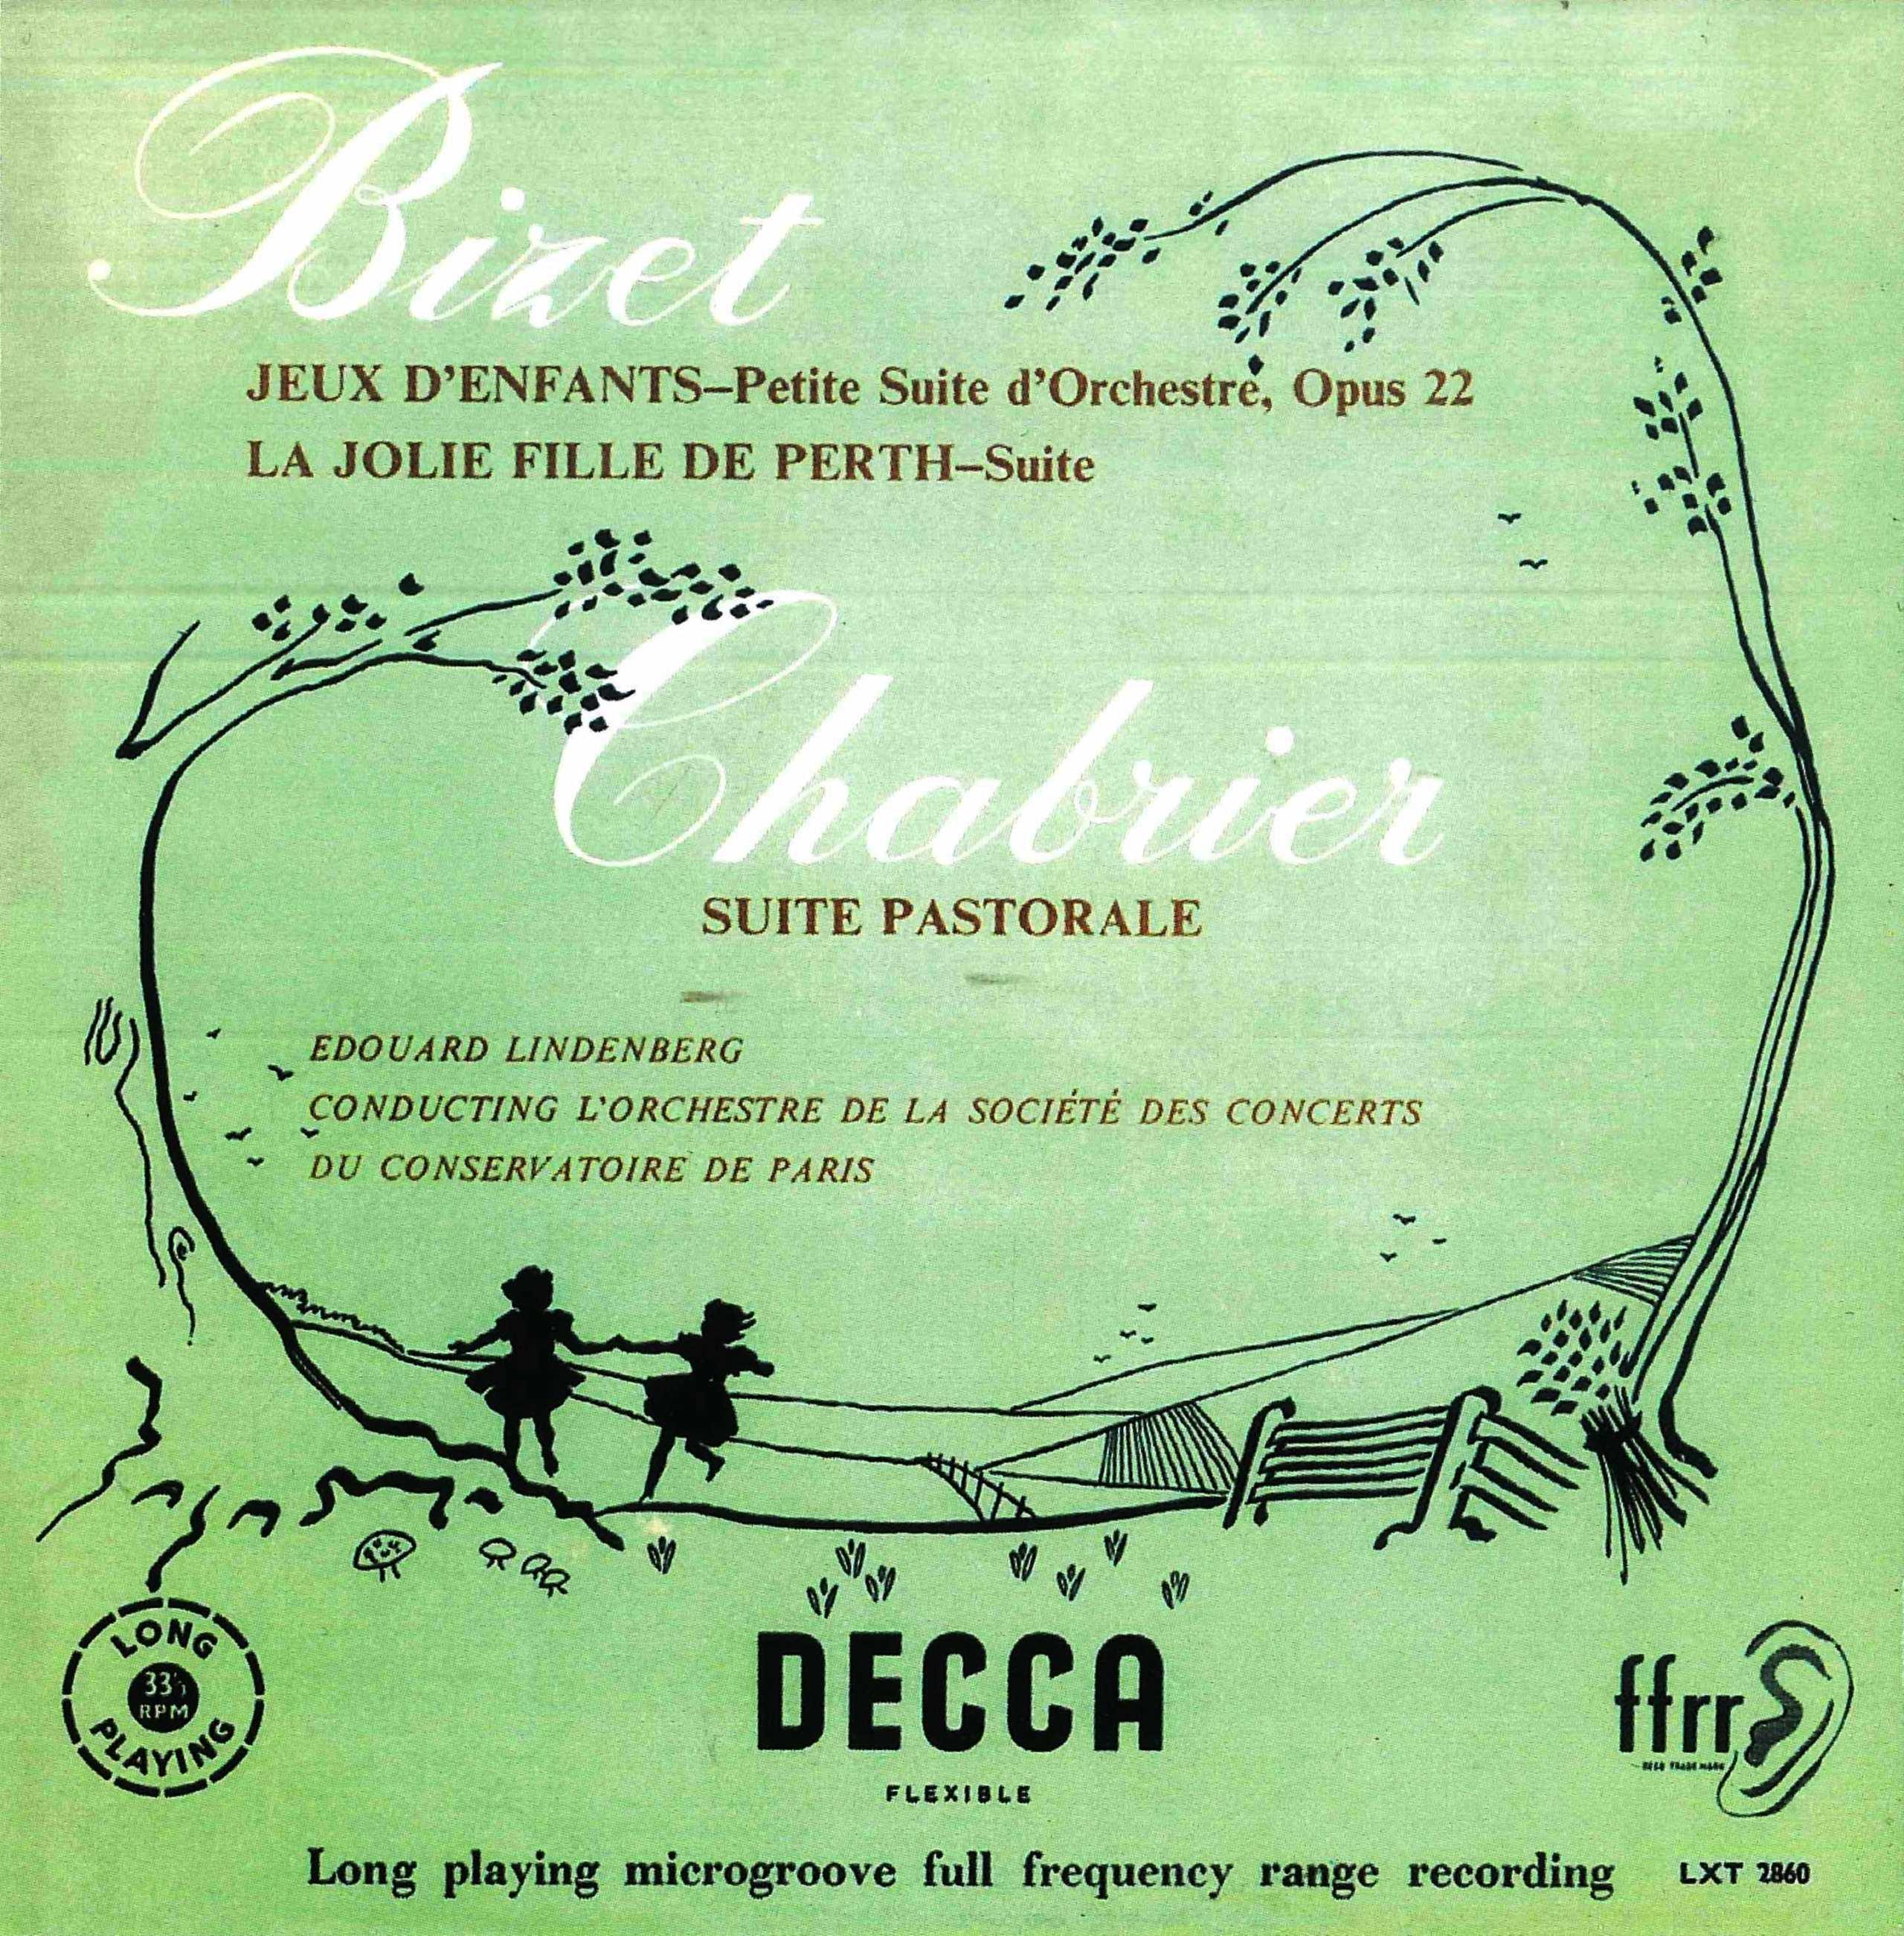 BIZET : musique de scène et d'orchestre Bizet_14